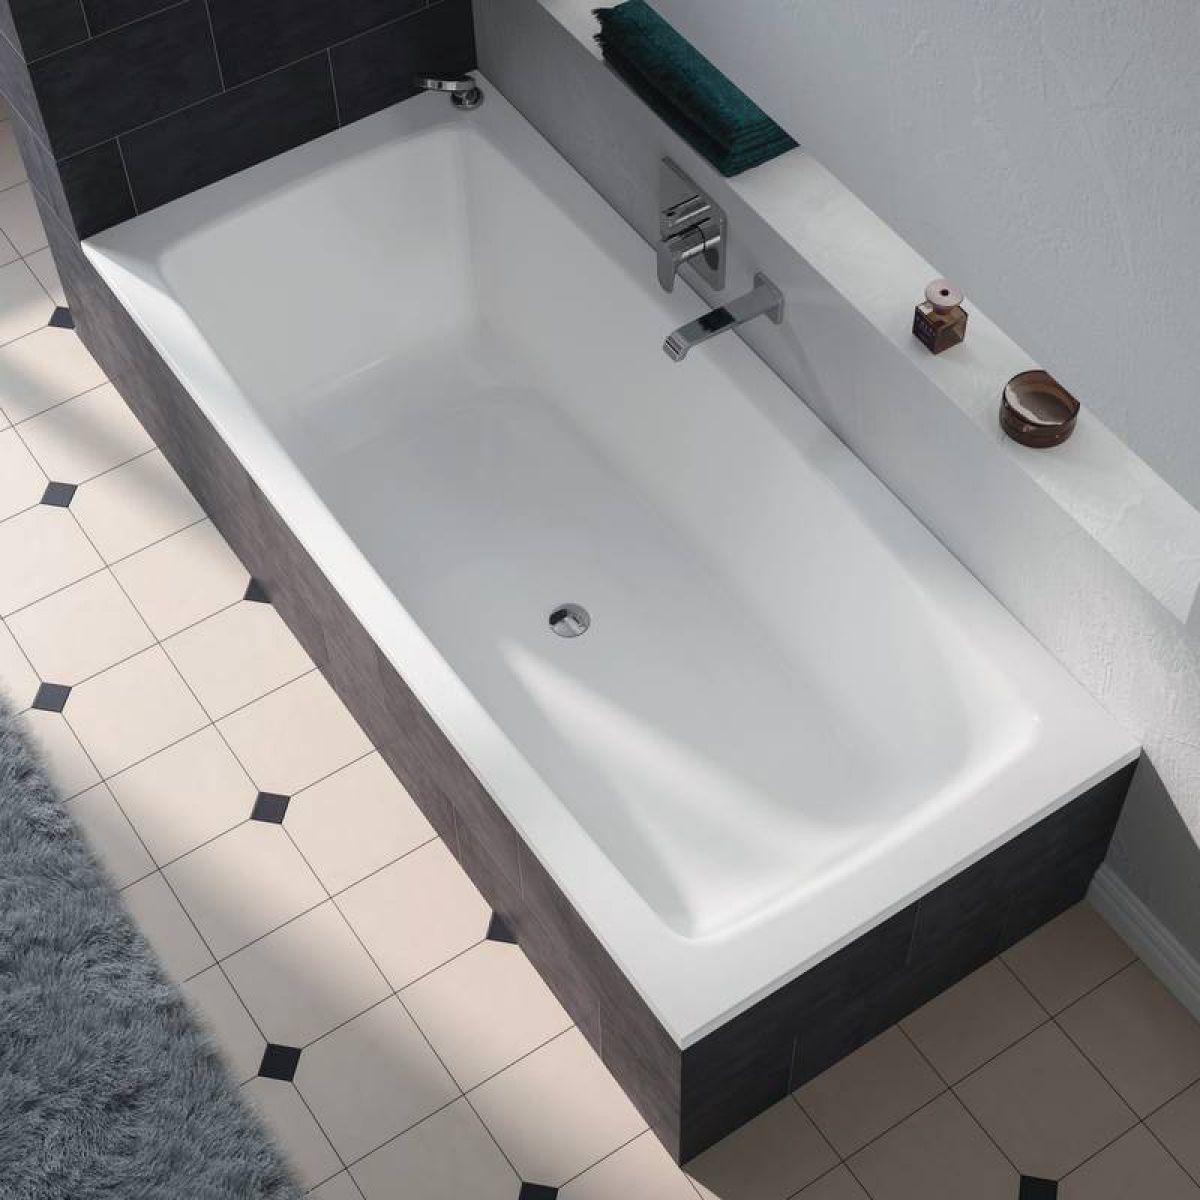 kaldewei cayono duo steel bath uk bathrooms. Black Bedroom Furniture Sets. Home Design Ideas